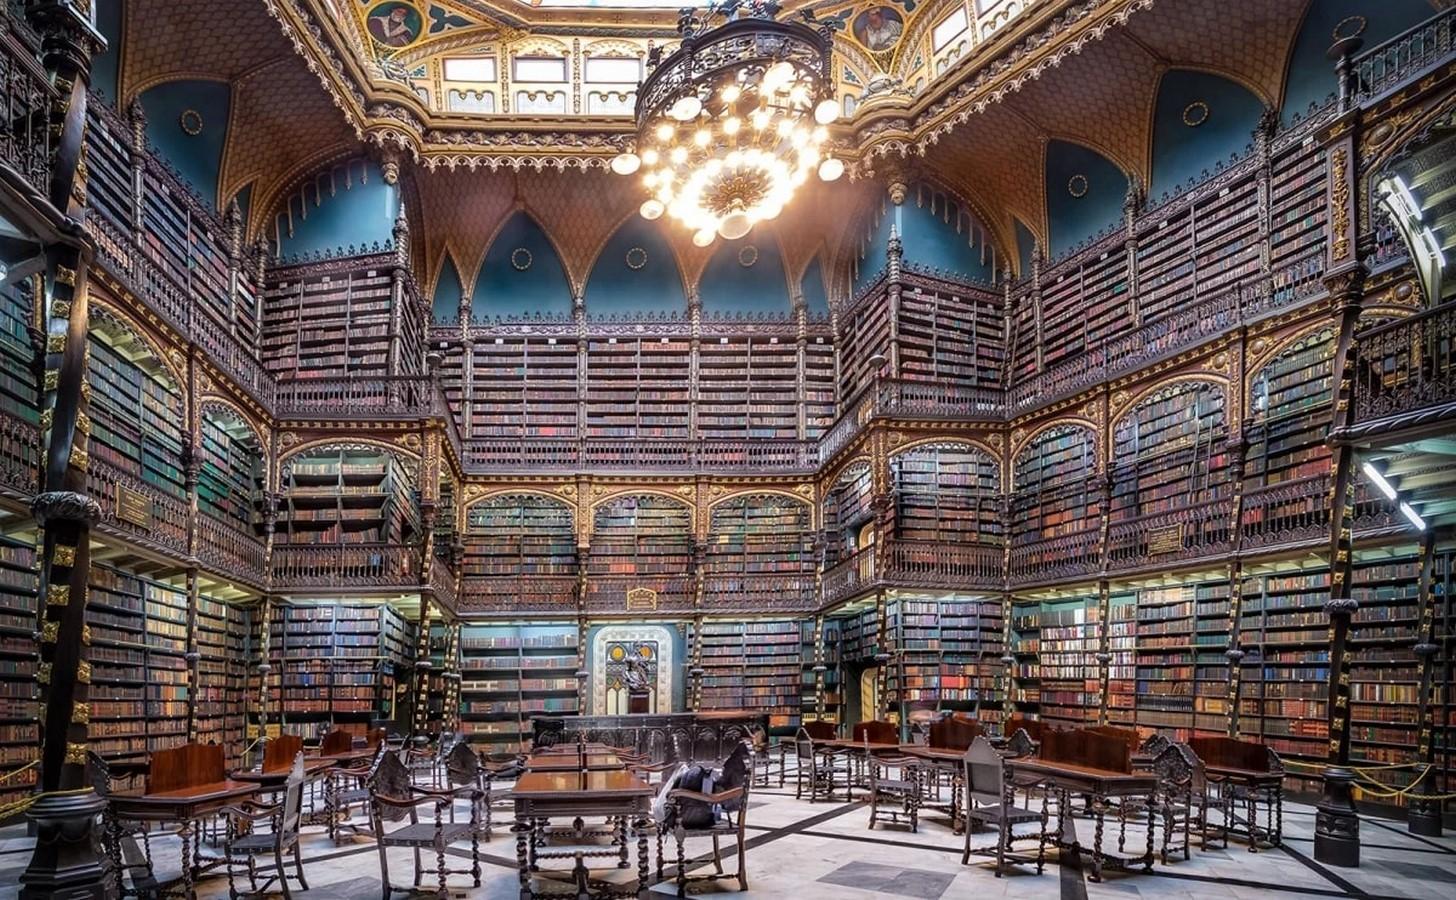 Royal Portuguese Cabinet Of Reading, Rio De Janeiro - Sheet1